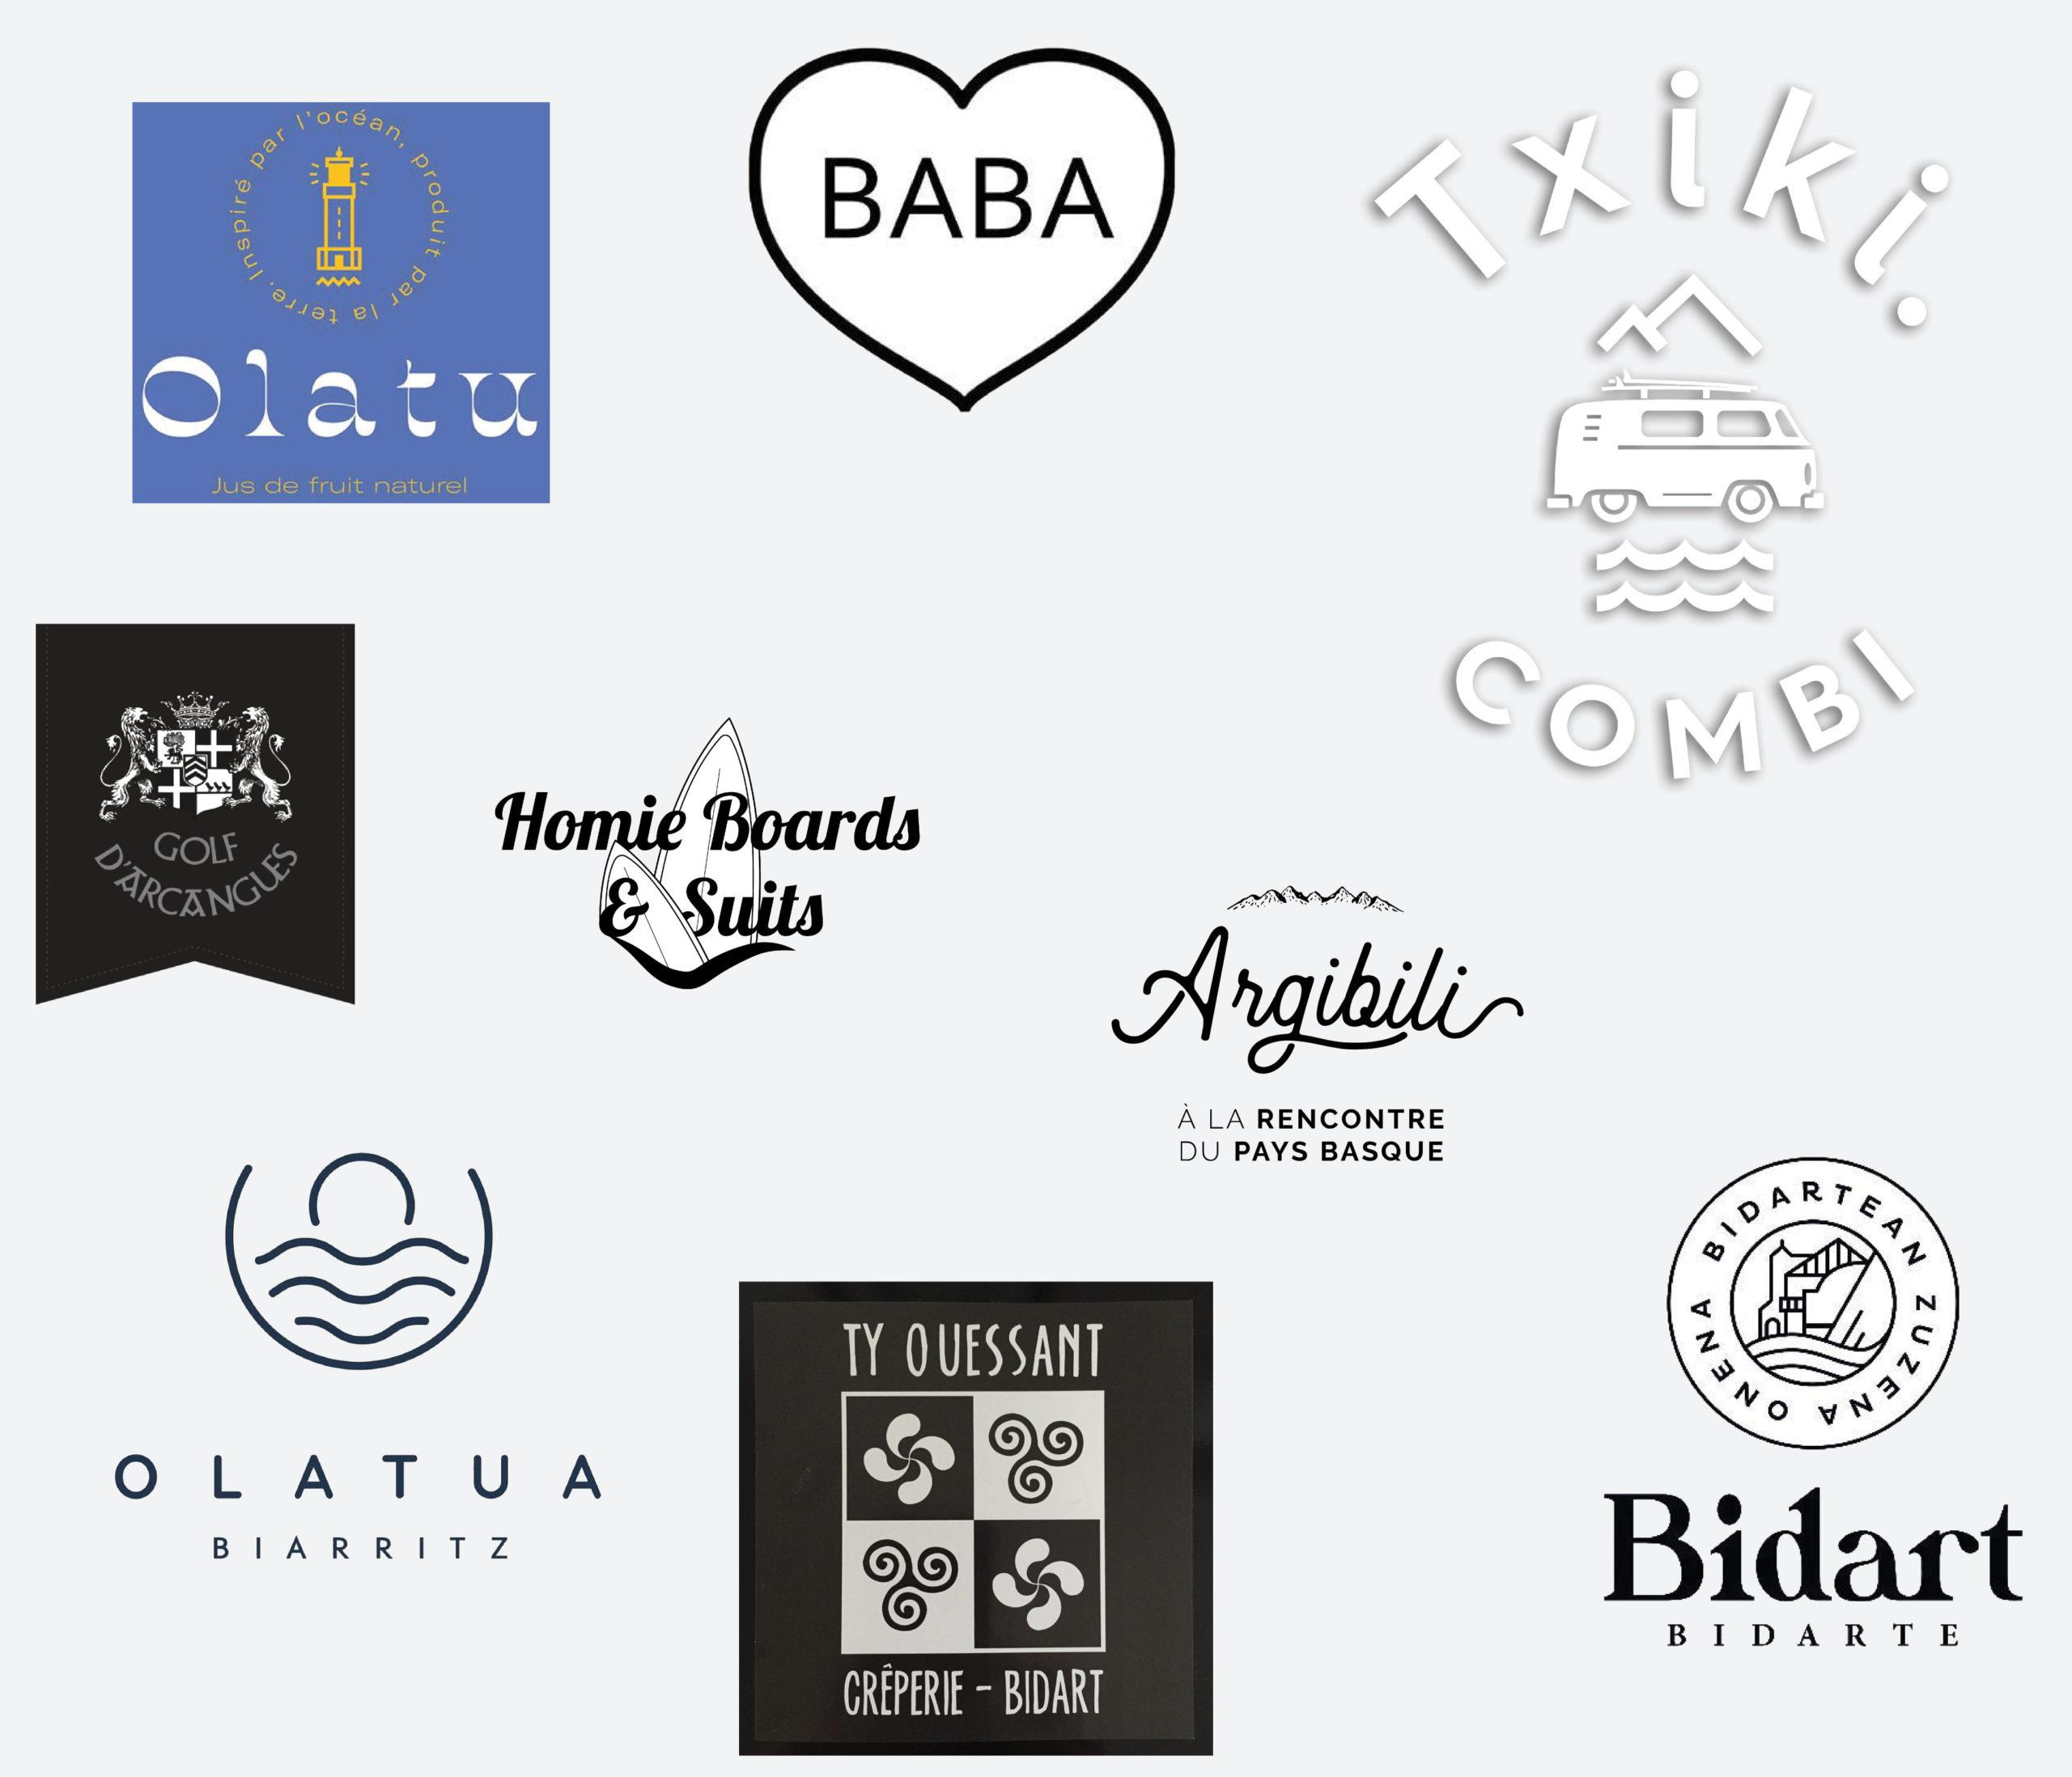 Logotypes des partenaires de l'hôtel Olatua de Biadart